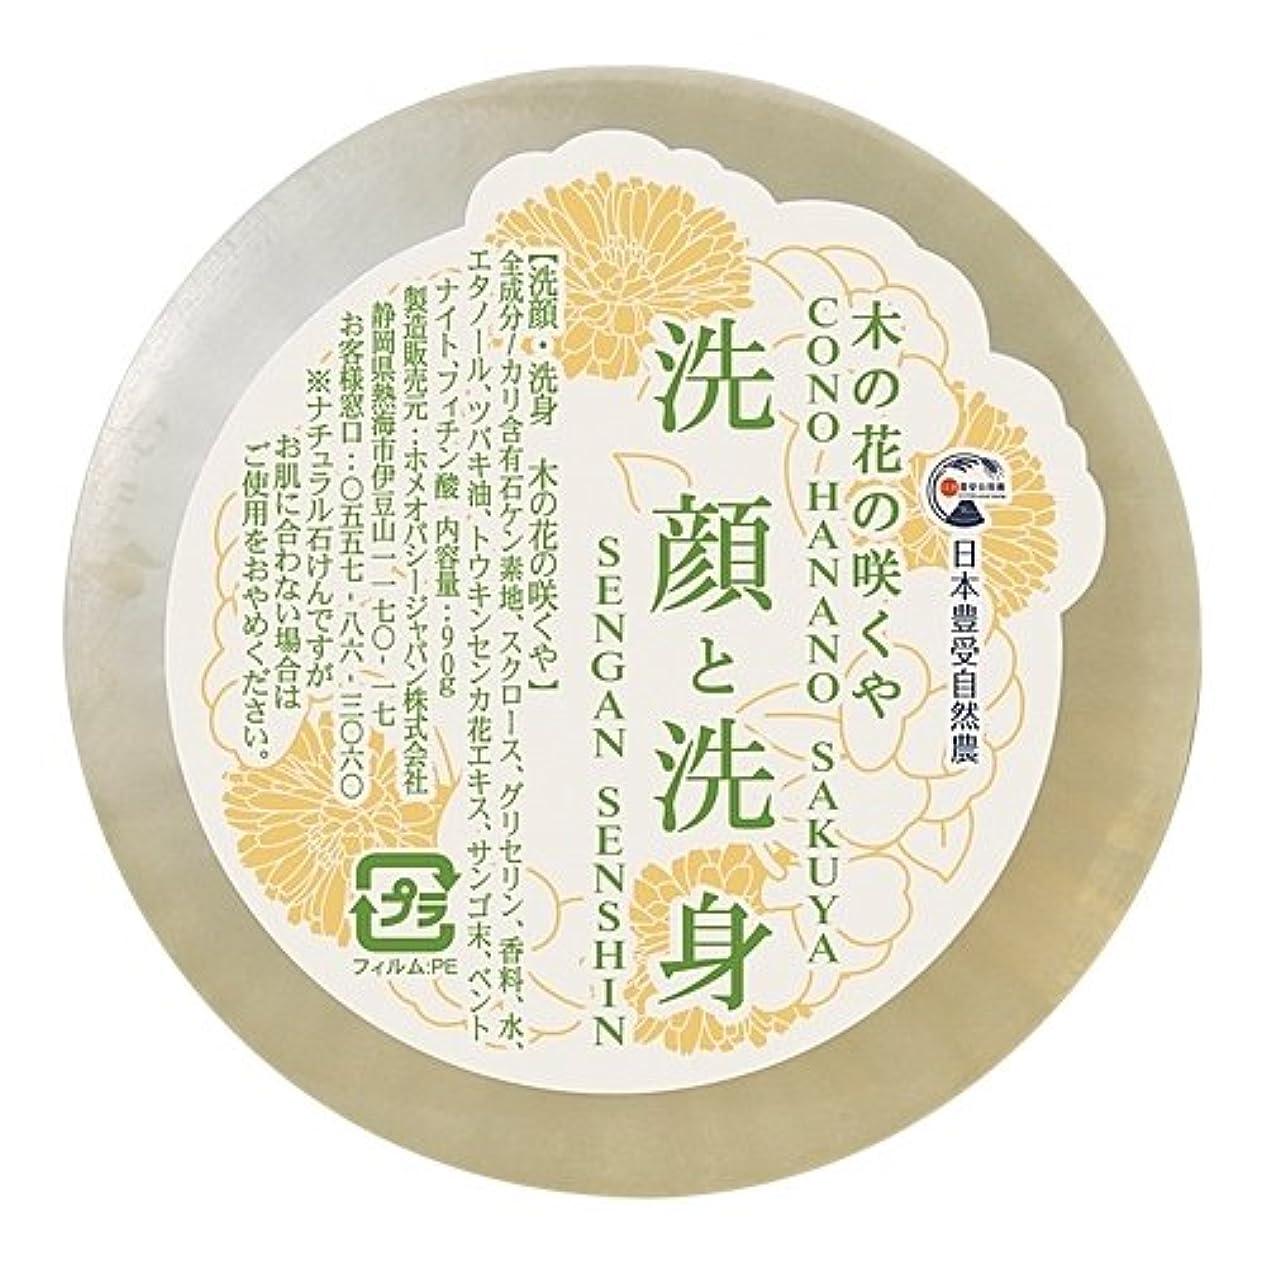 まろやかな有効化静けさ日本豊受自然農 木の花の咲くや 洗顔?洗身ソープ 90g